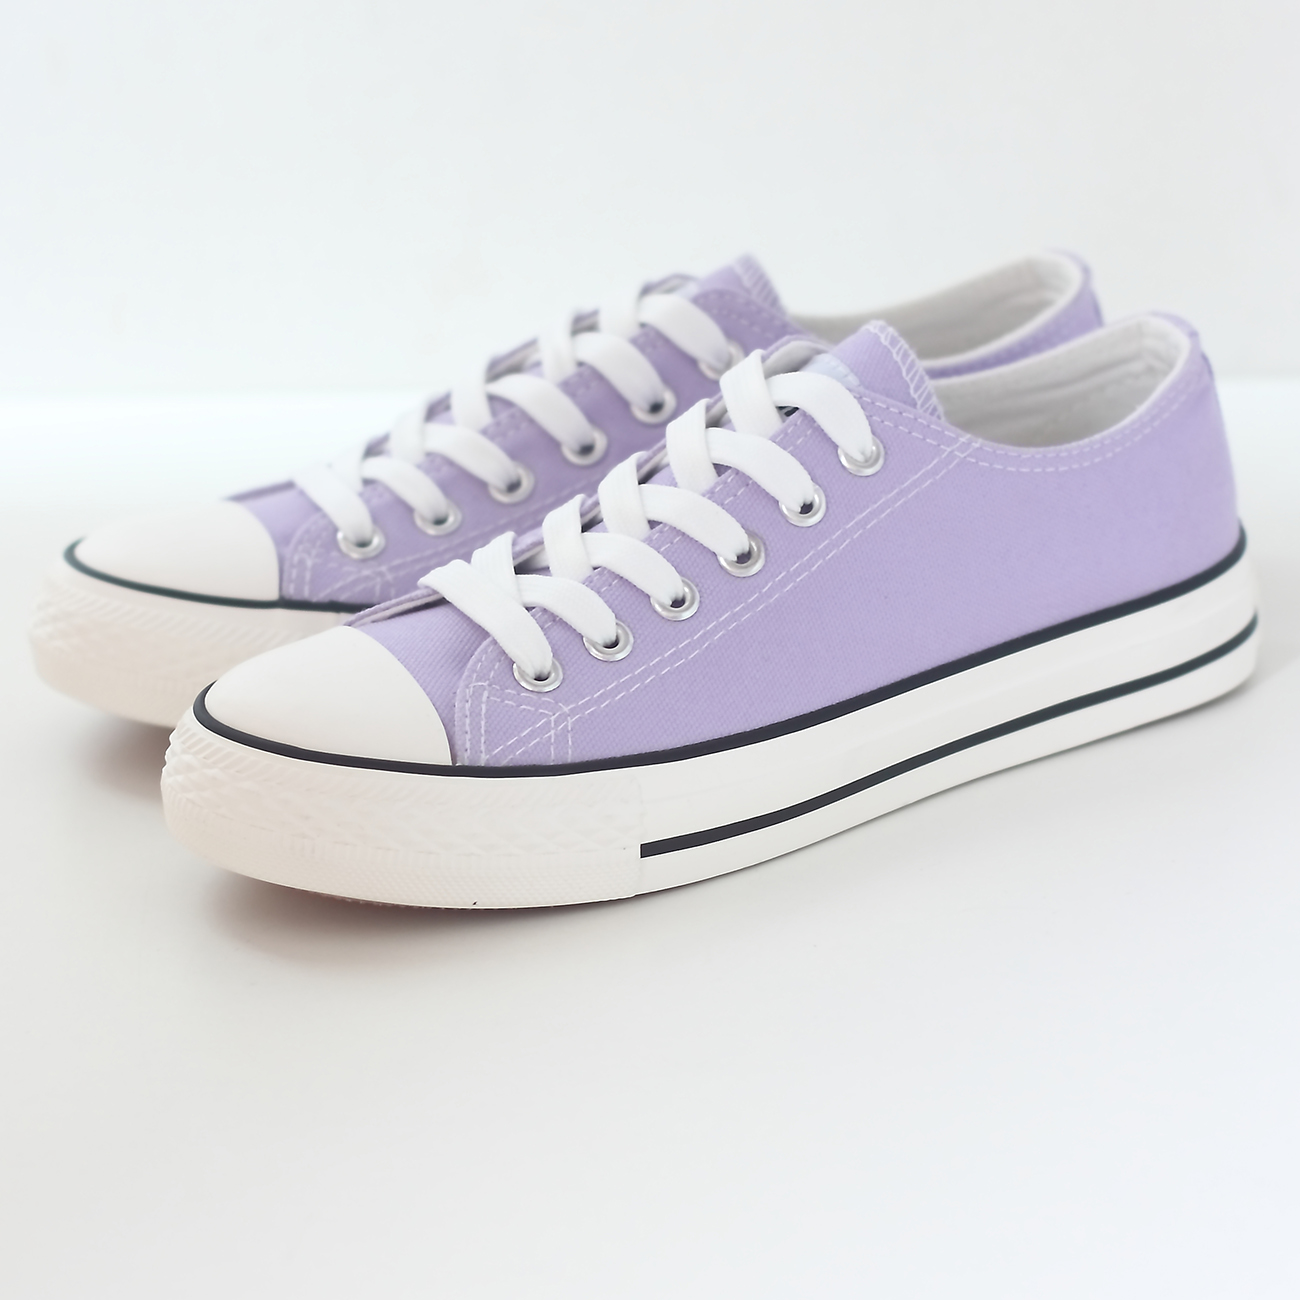 紫色帆布鞋 纯色韩版低帮系带平底帆布鞋女鞋运动休闲鞋单鞋紫色女布鞋学生鞋_推荐淘宝好看的紫色帆布鞋